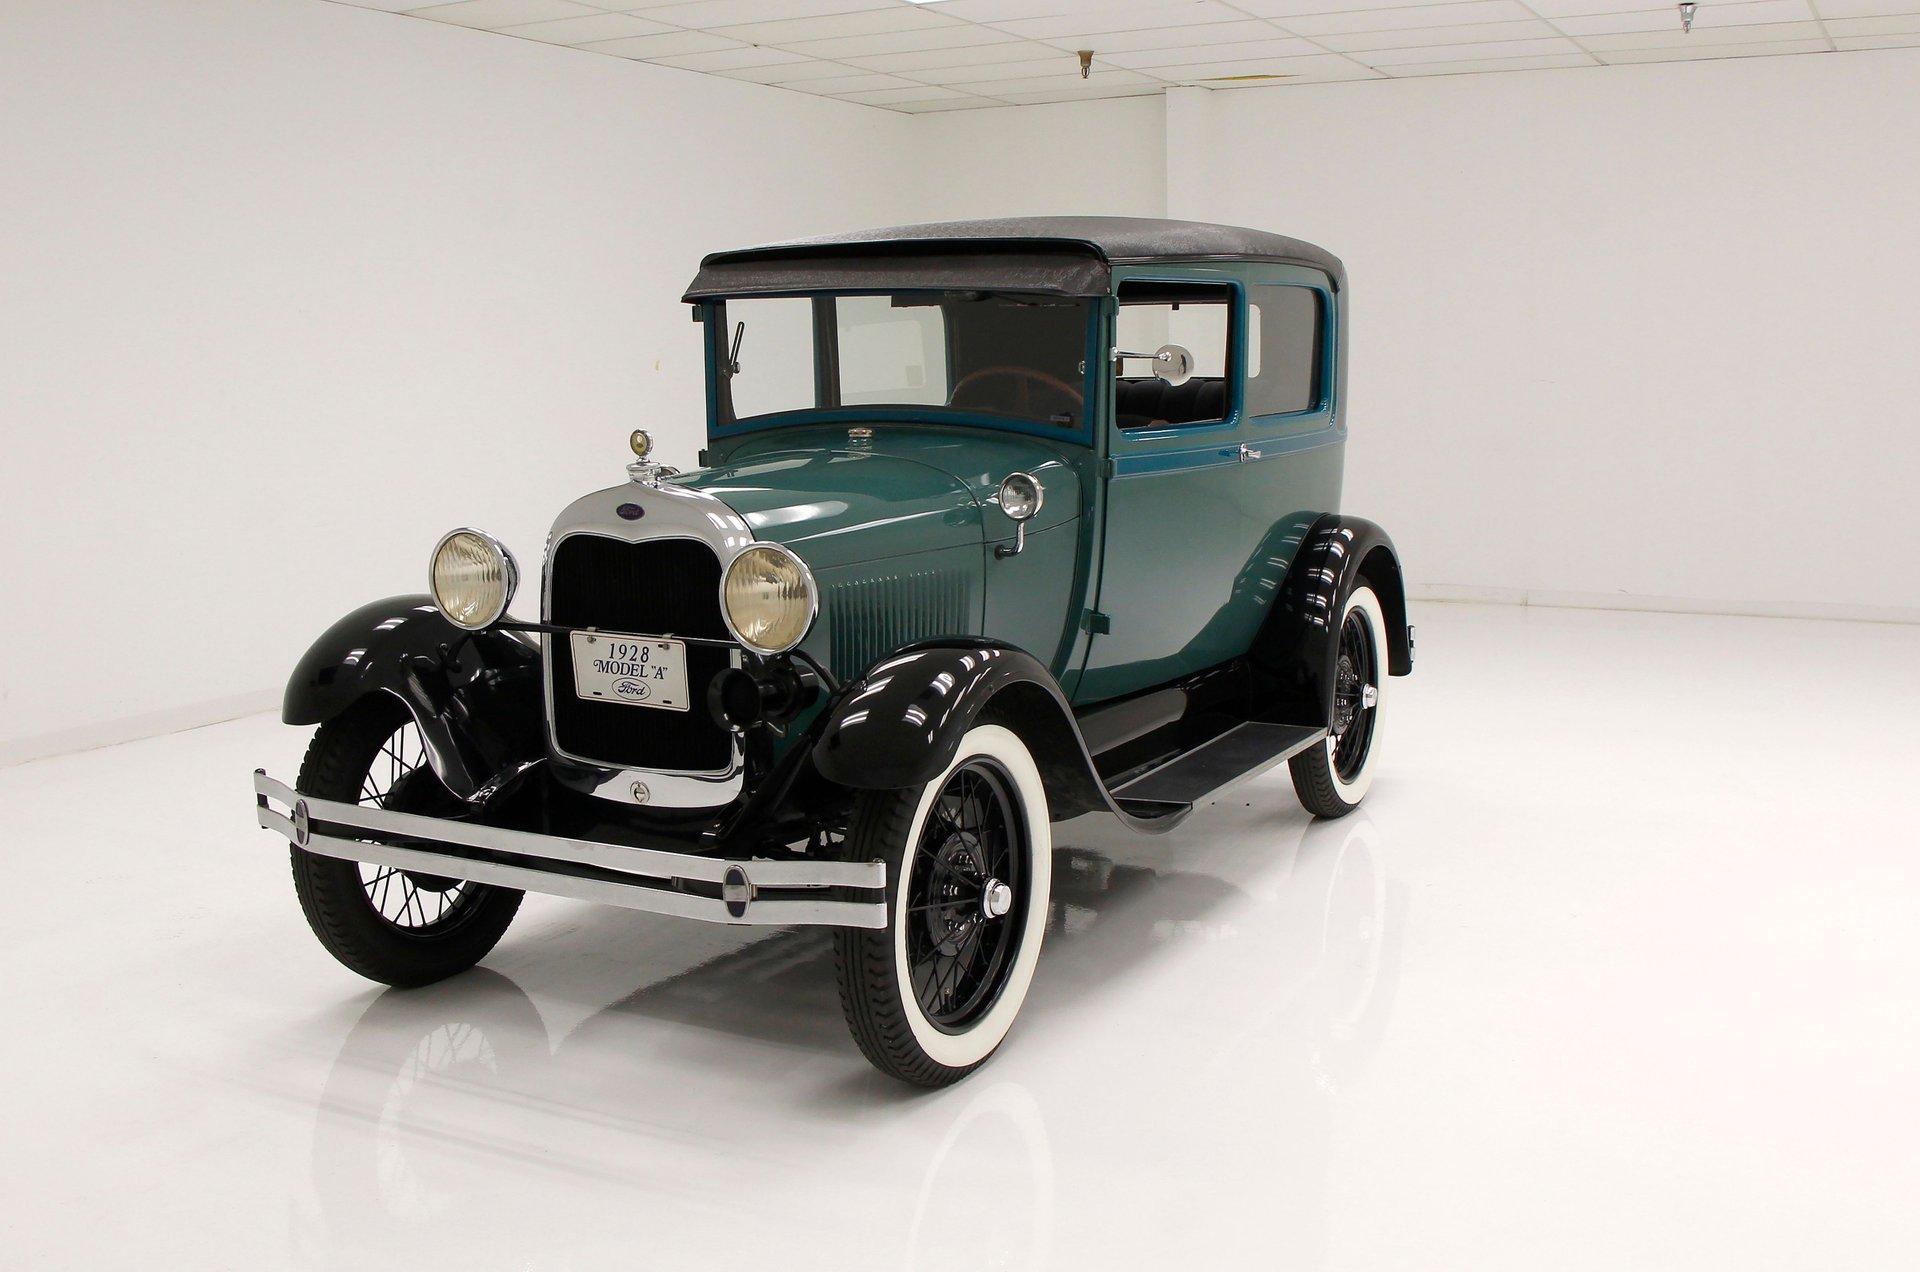 1928 Ford Model A Tudor Coupe